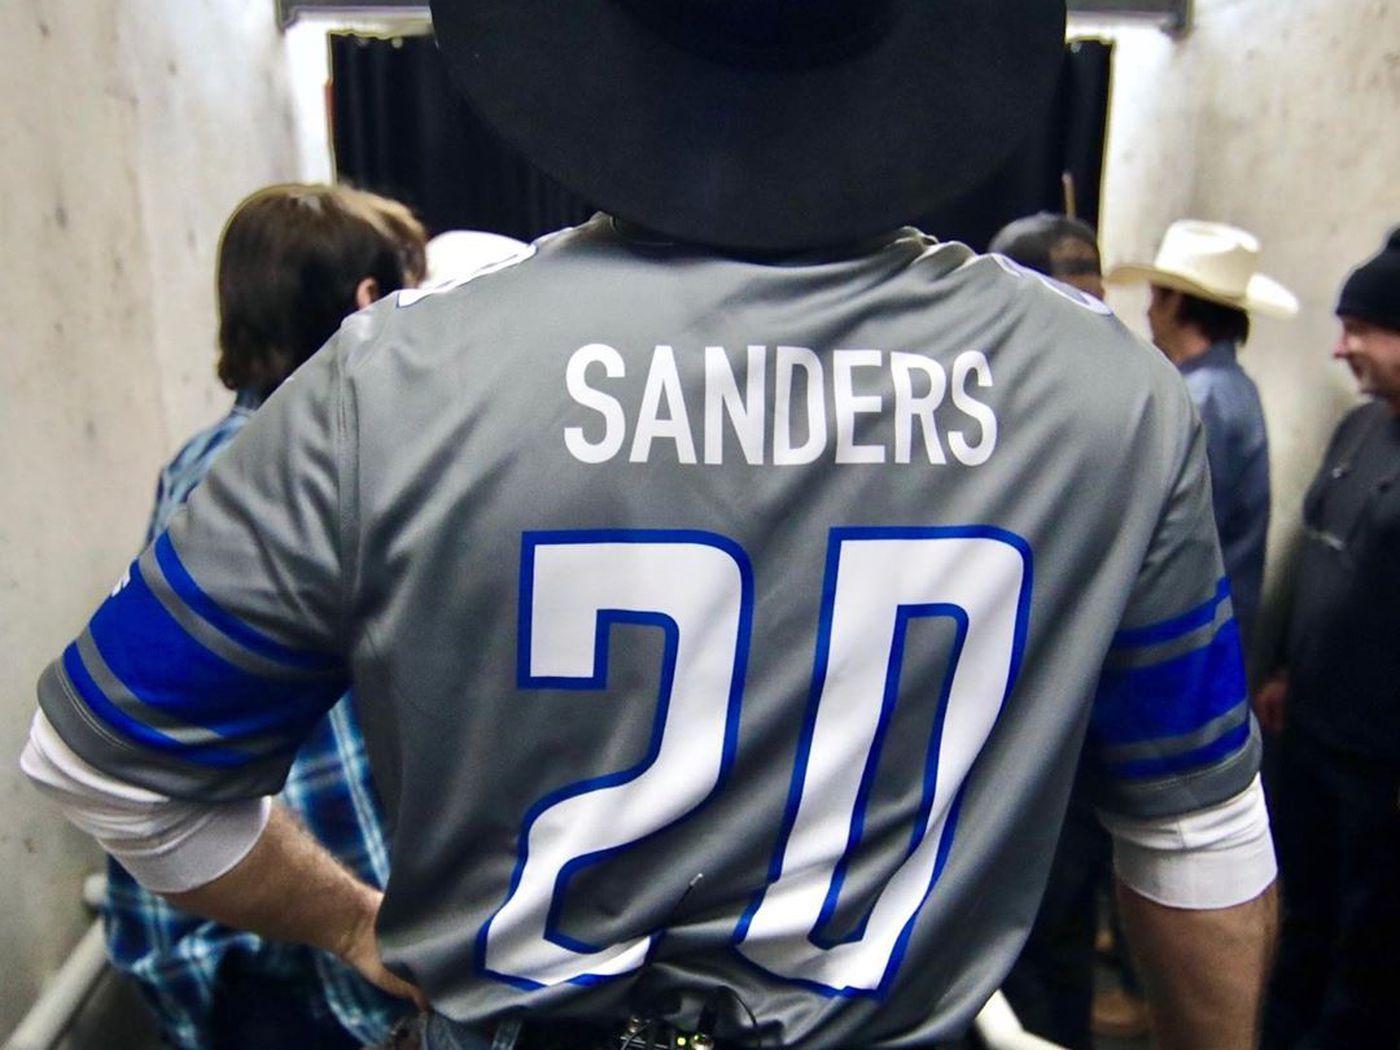 sanders jersey